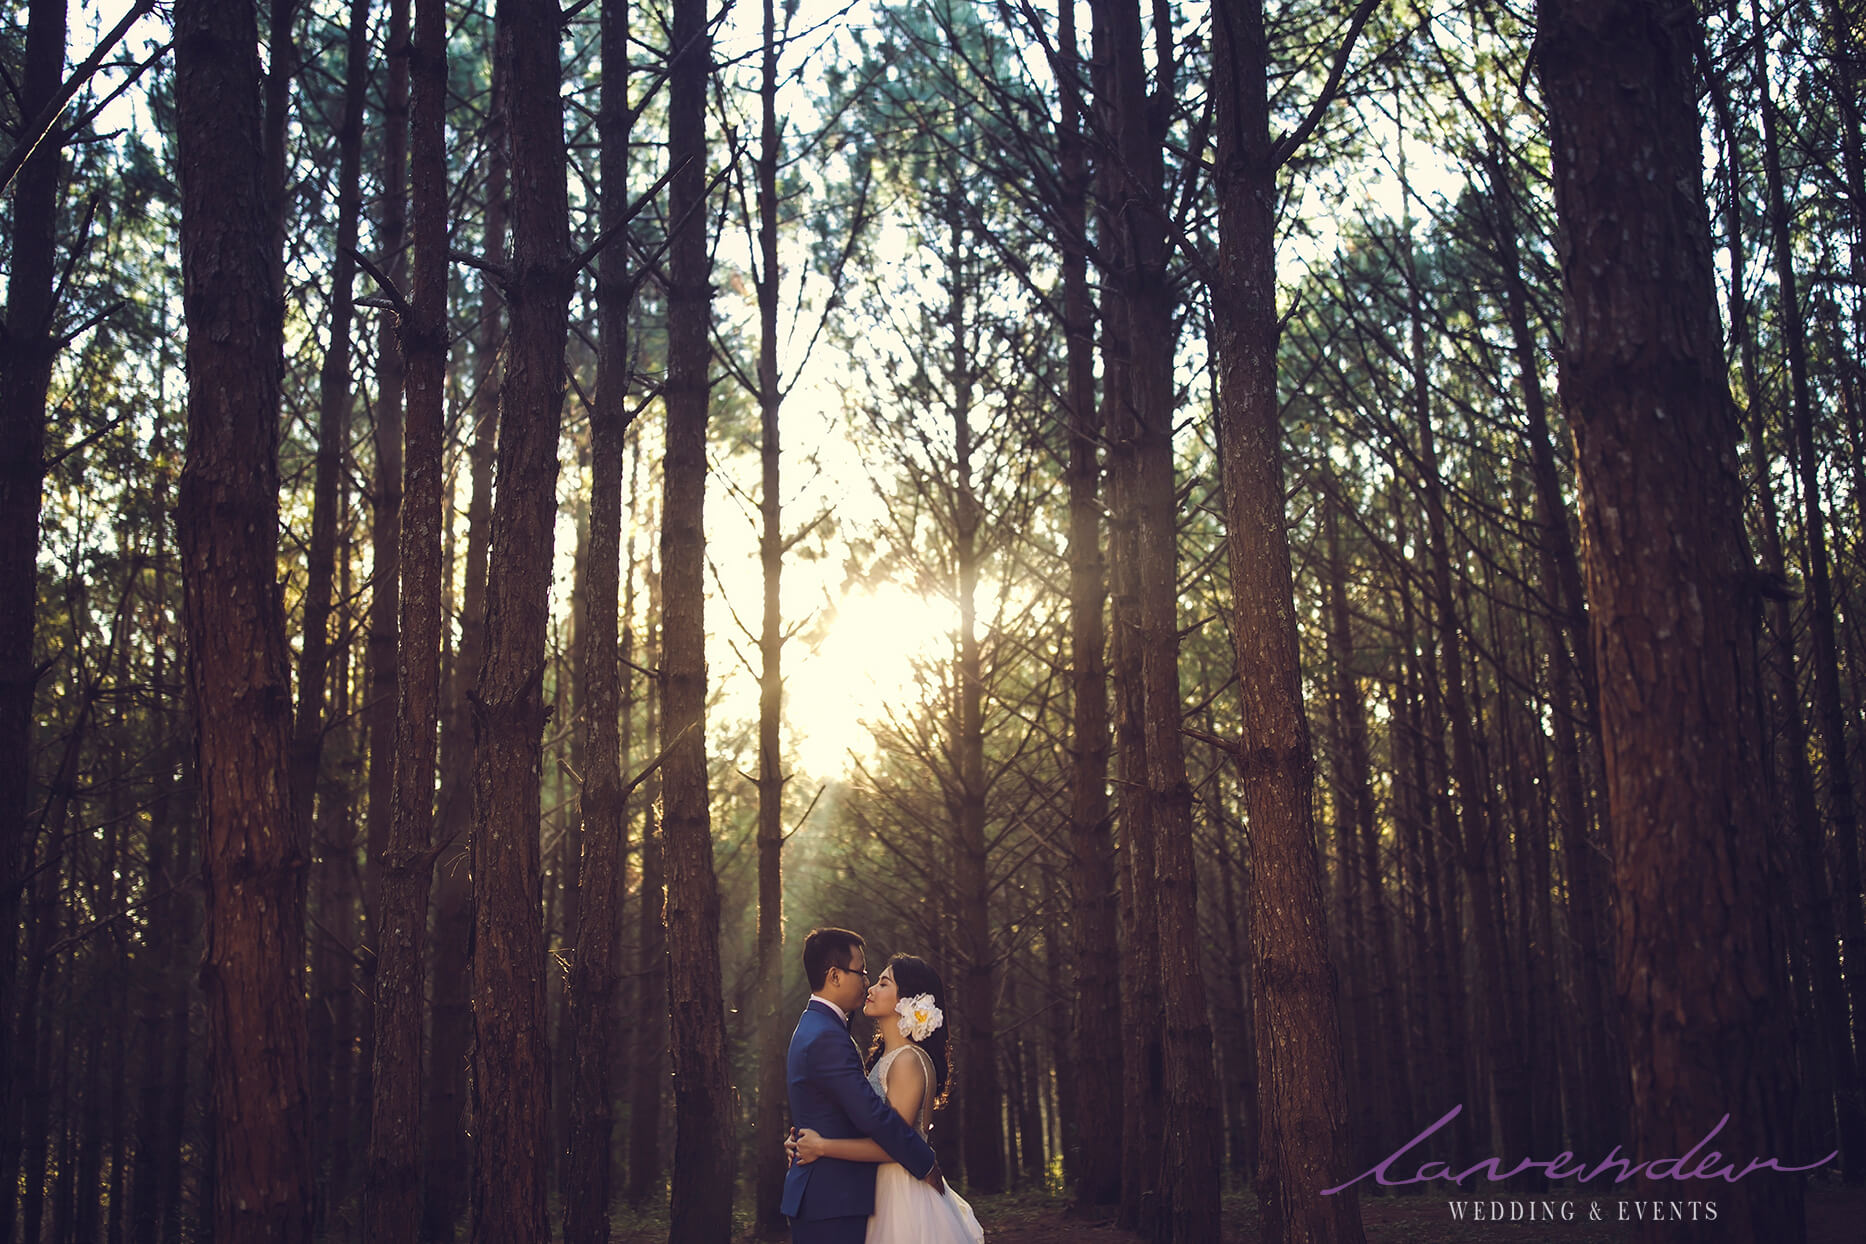 dịch vụ chụp ảnh cưới rẻ và đẹp ở tp Đà lạt